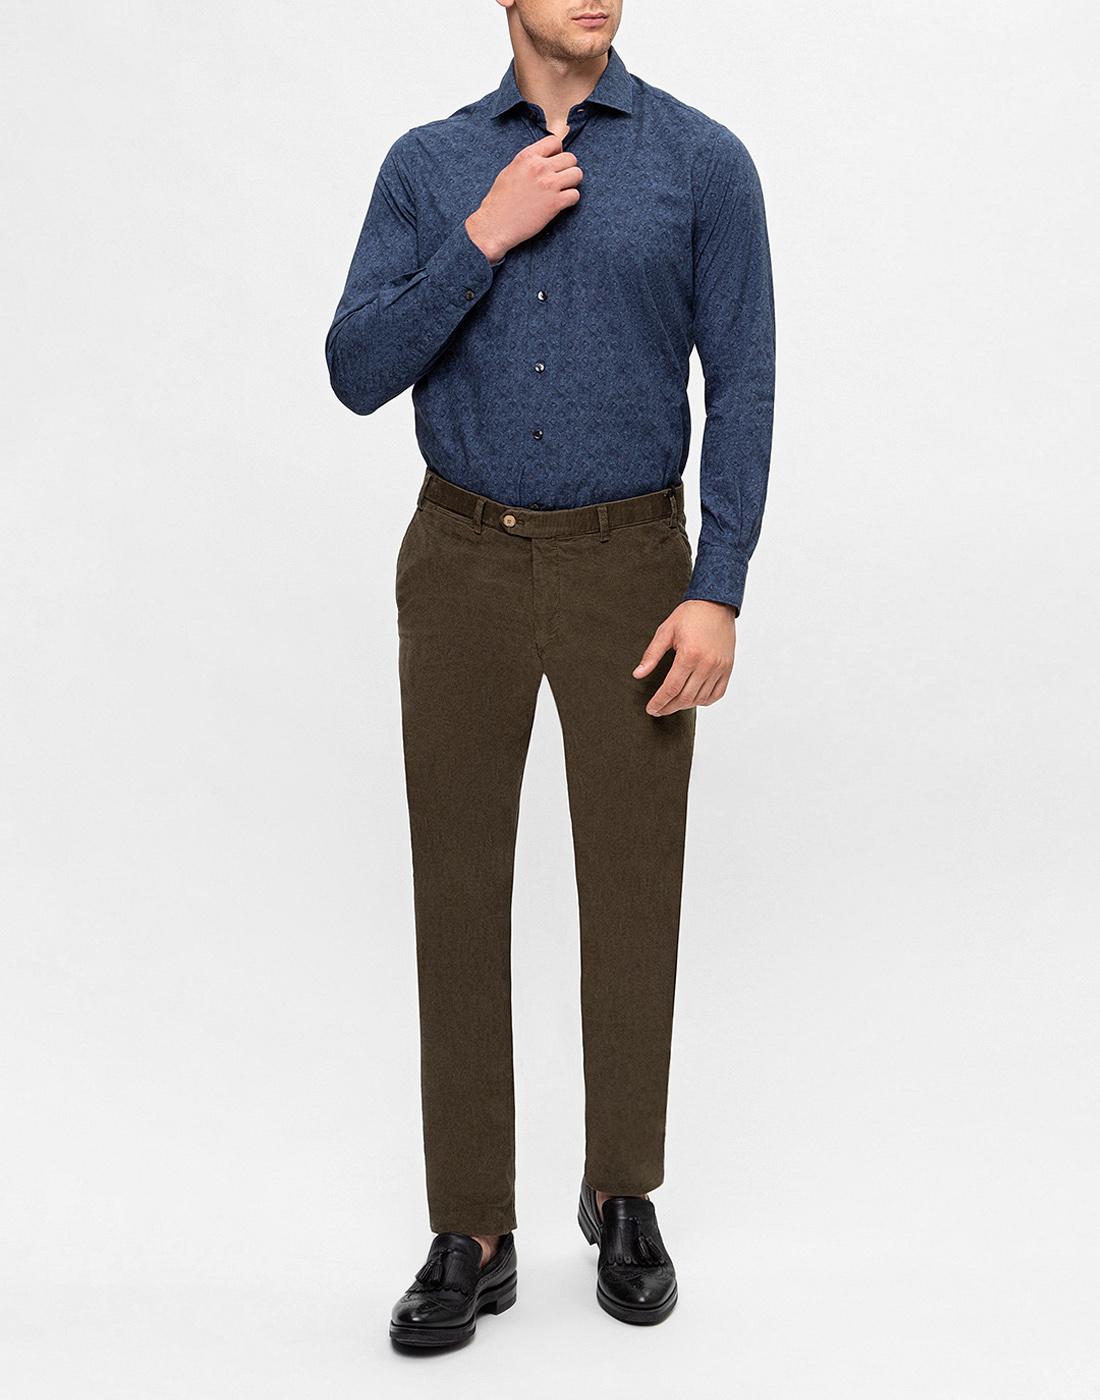 Мужские оливковые вельветовые брюки Hiltl  S72523 23 58300-5